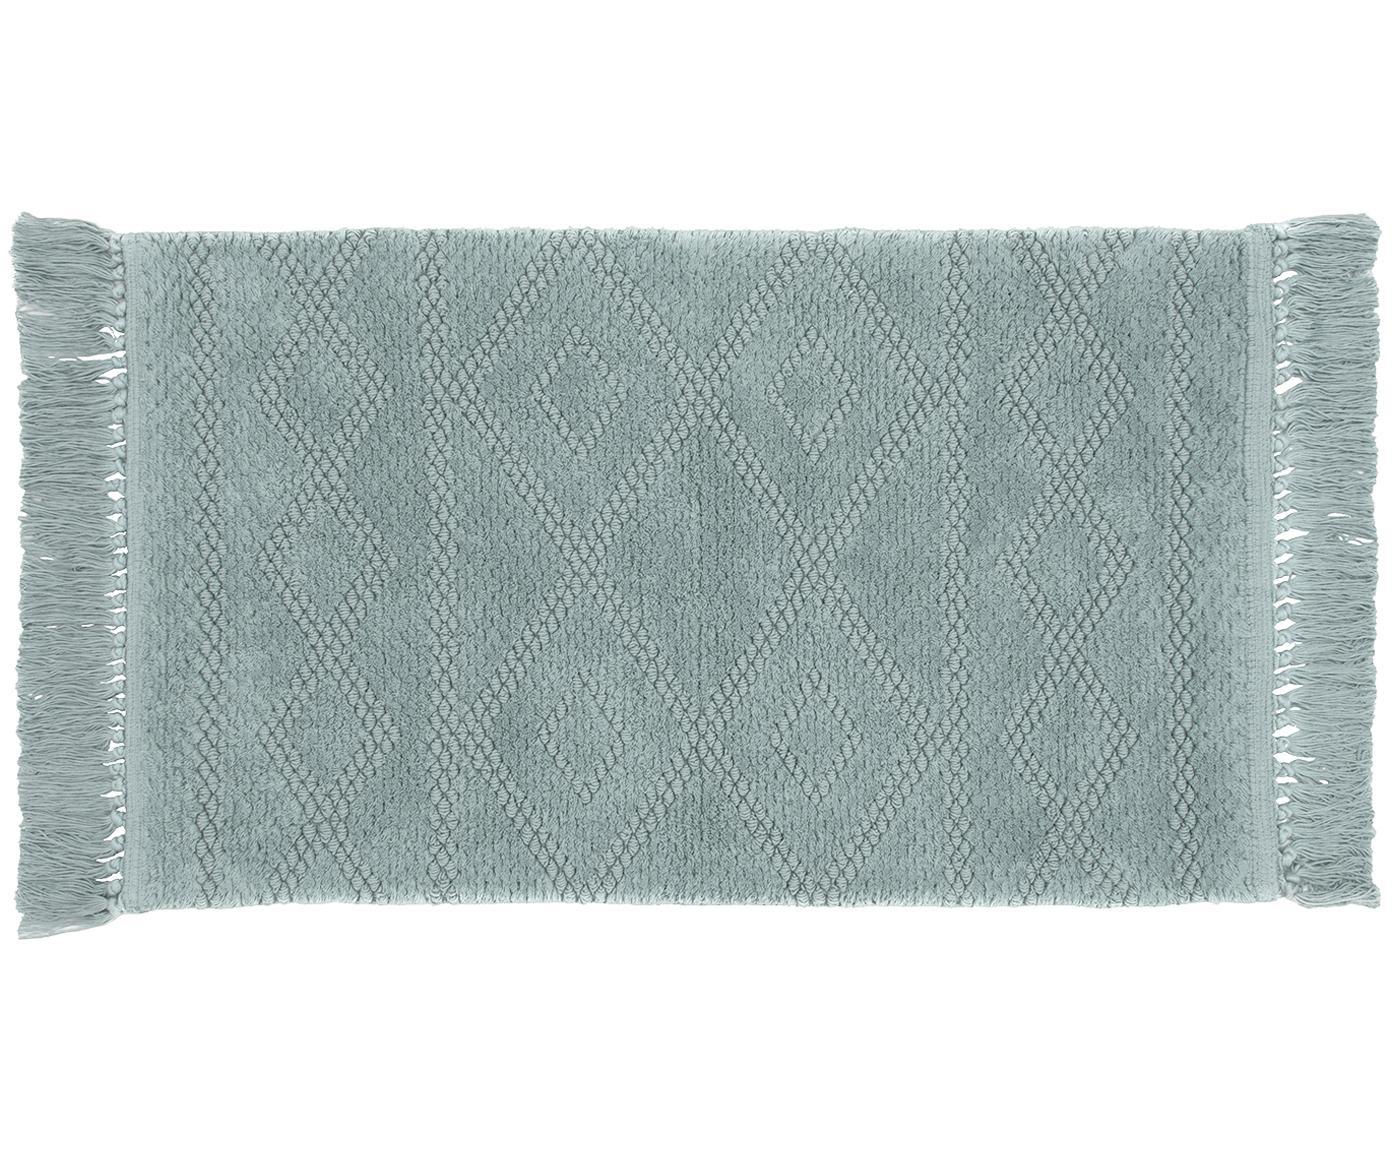 Dywanik łazienkowy boho Bernadette, Szałwiowy, S 50 x D 90 cm